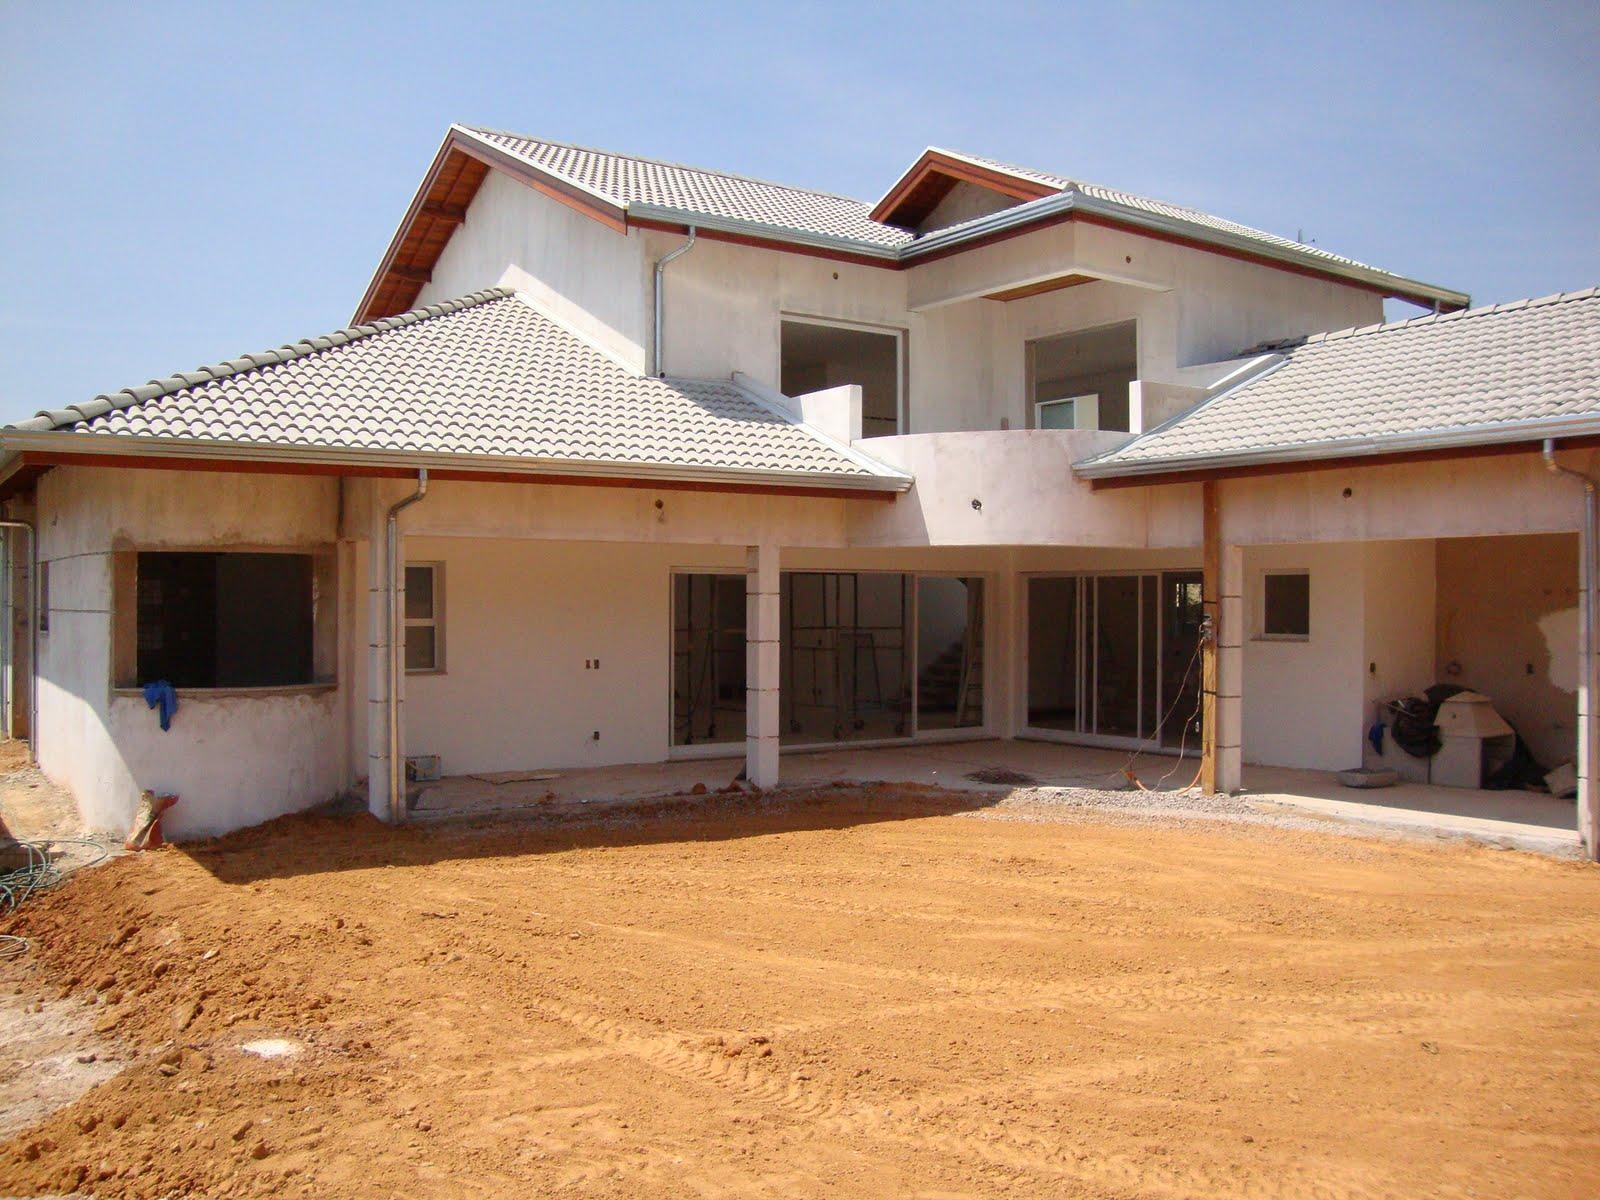 Como construir uma casa veja passo a passo dicas de - Casas para construir ...